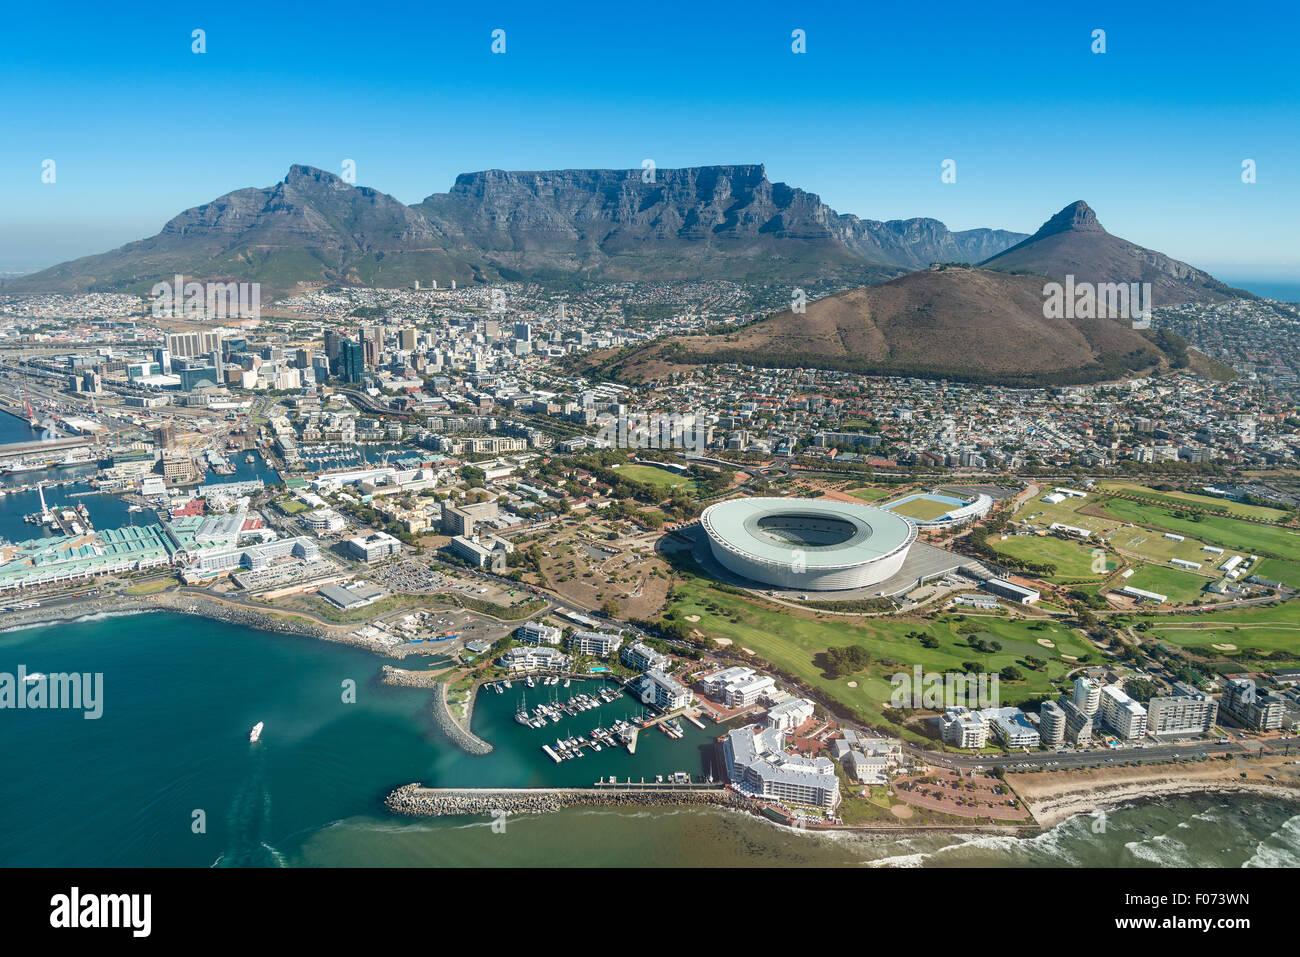 Vista aerea di Cape Town, Provincia del Capo occidentale, Repubblica del Sud Africa Immagini Stock